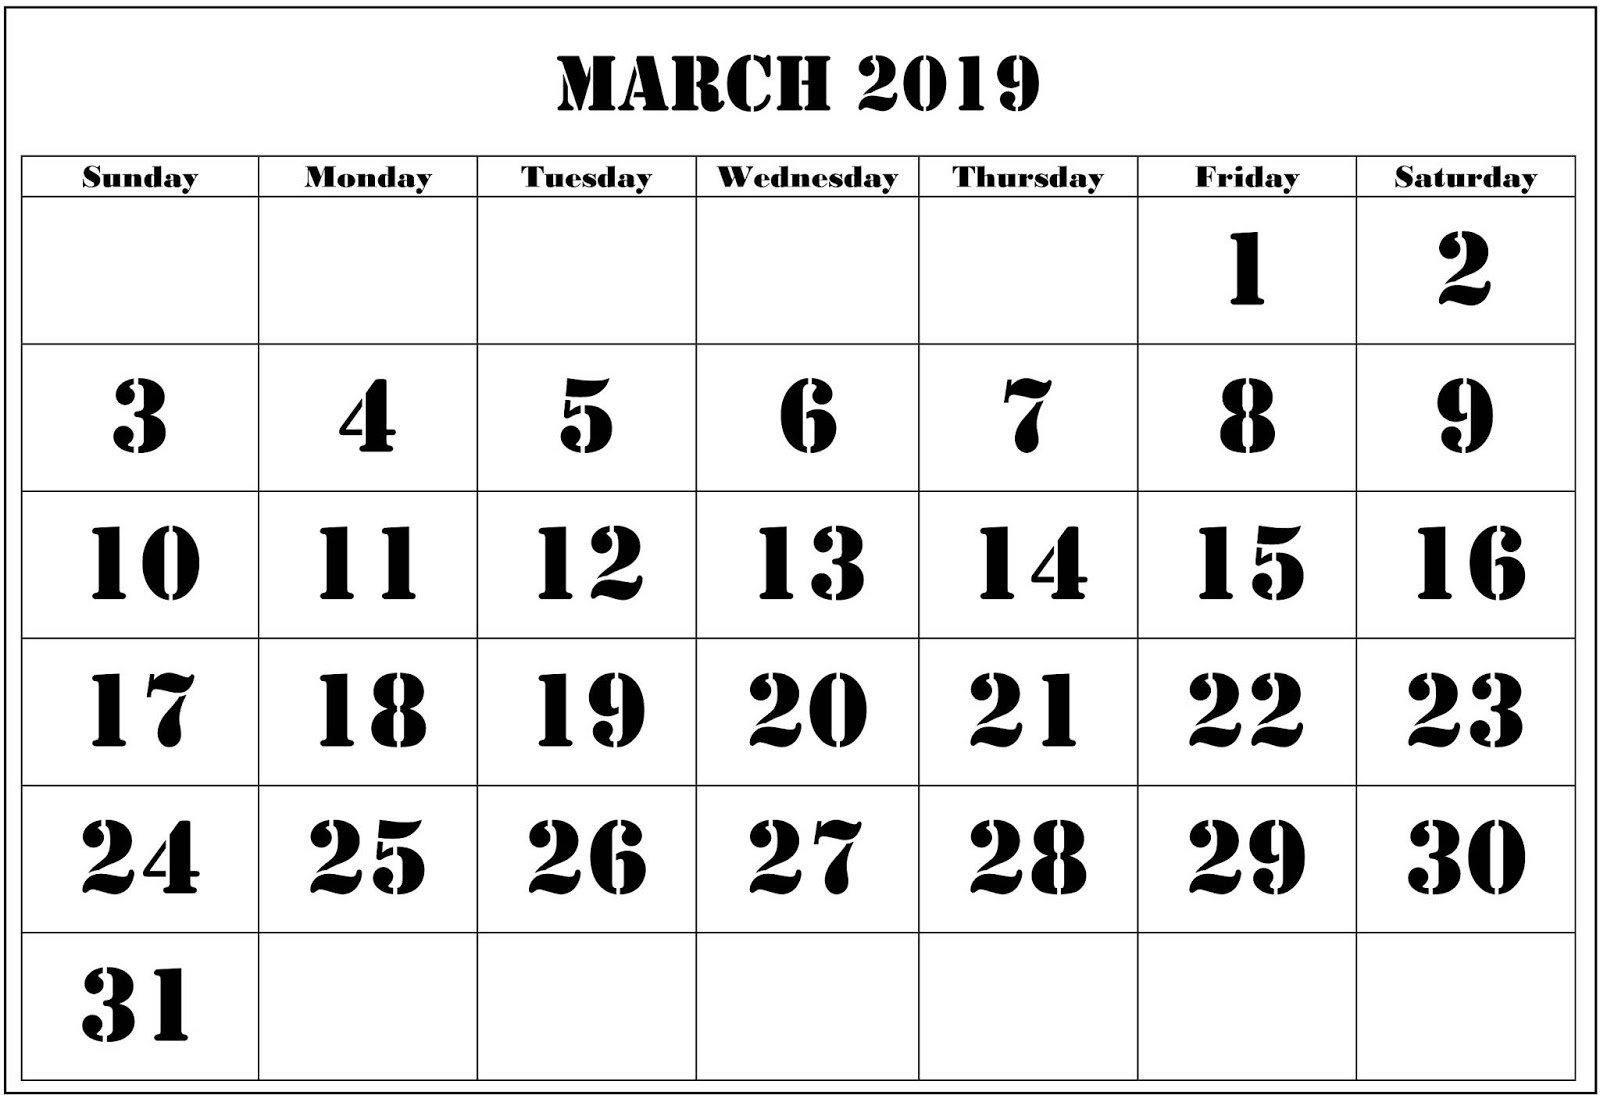 March 2019 Calendar Template Download March 2 2019 Calendar